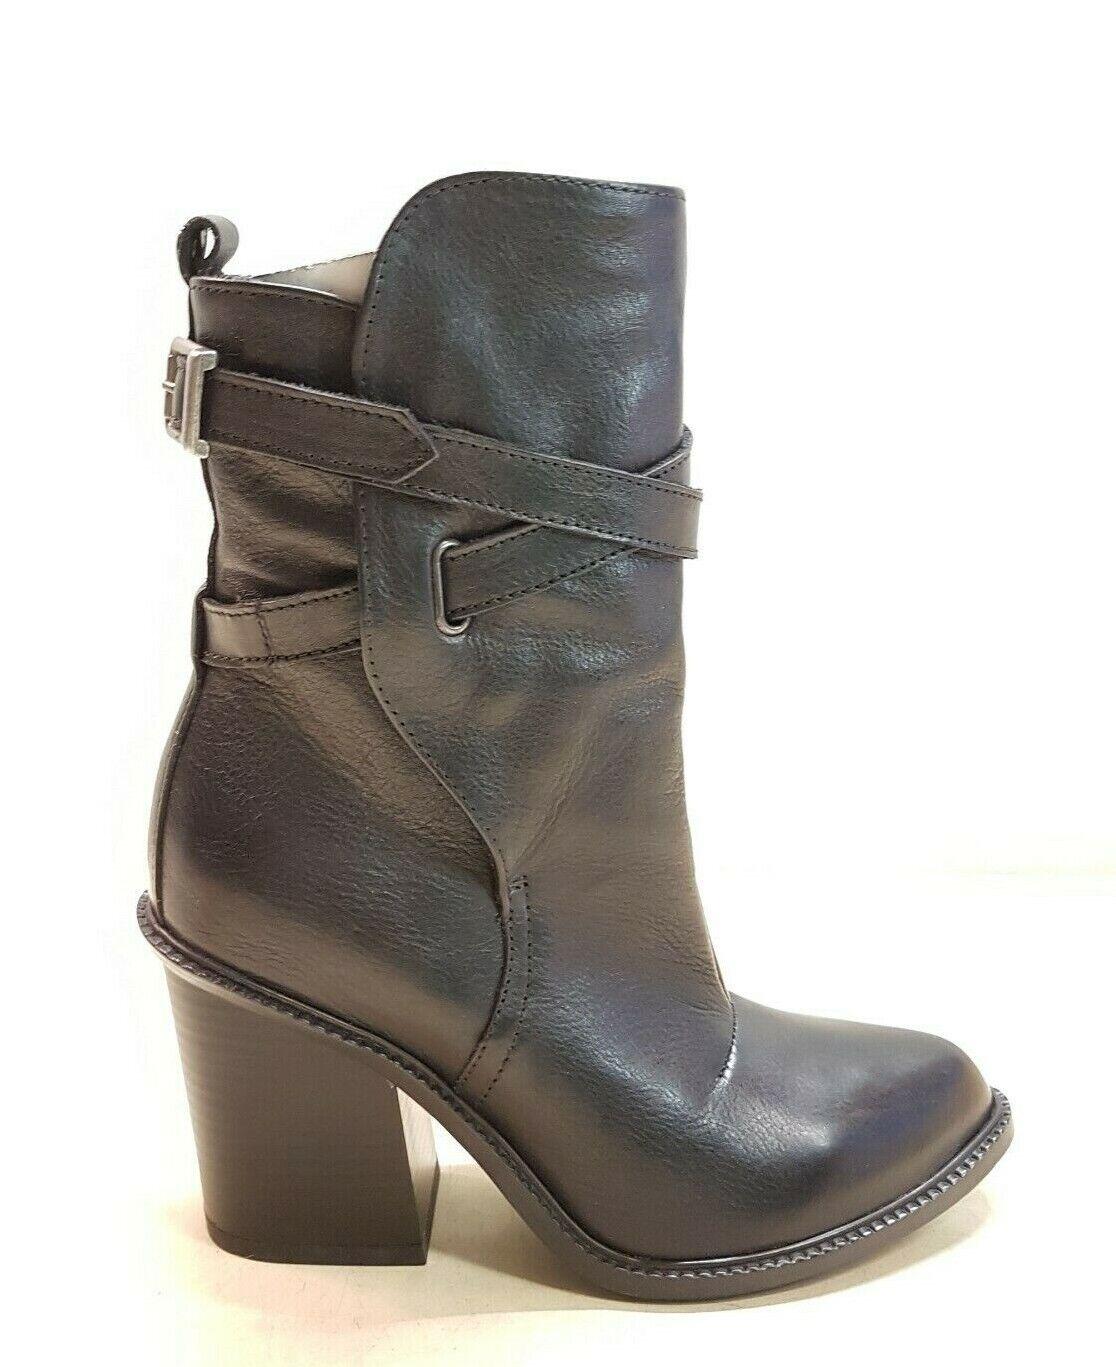 013) Luxus Designer DIESEL Schuhe Stiefletten Leder Gr.36 37  NEU schwarz